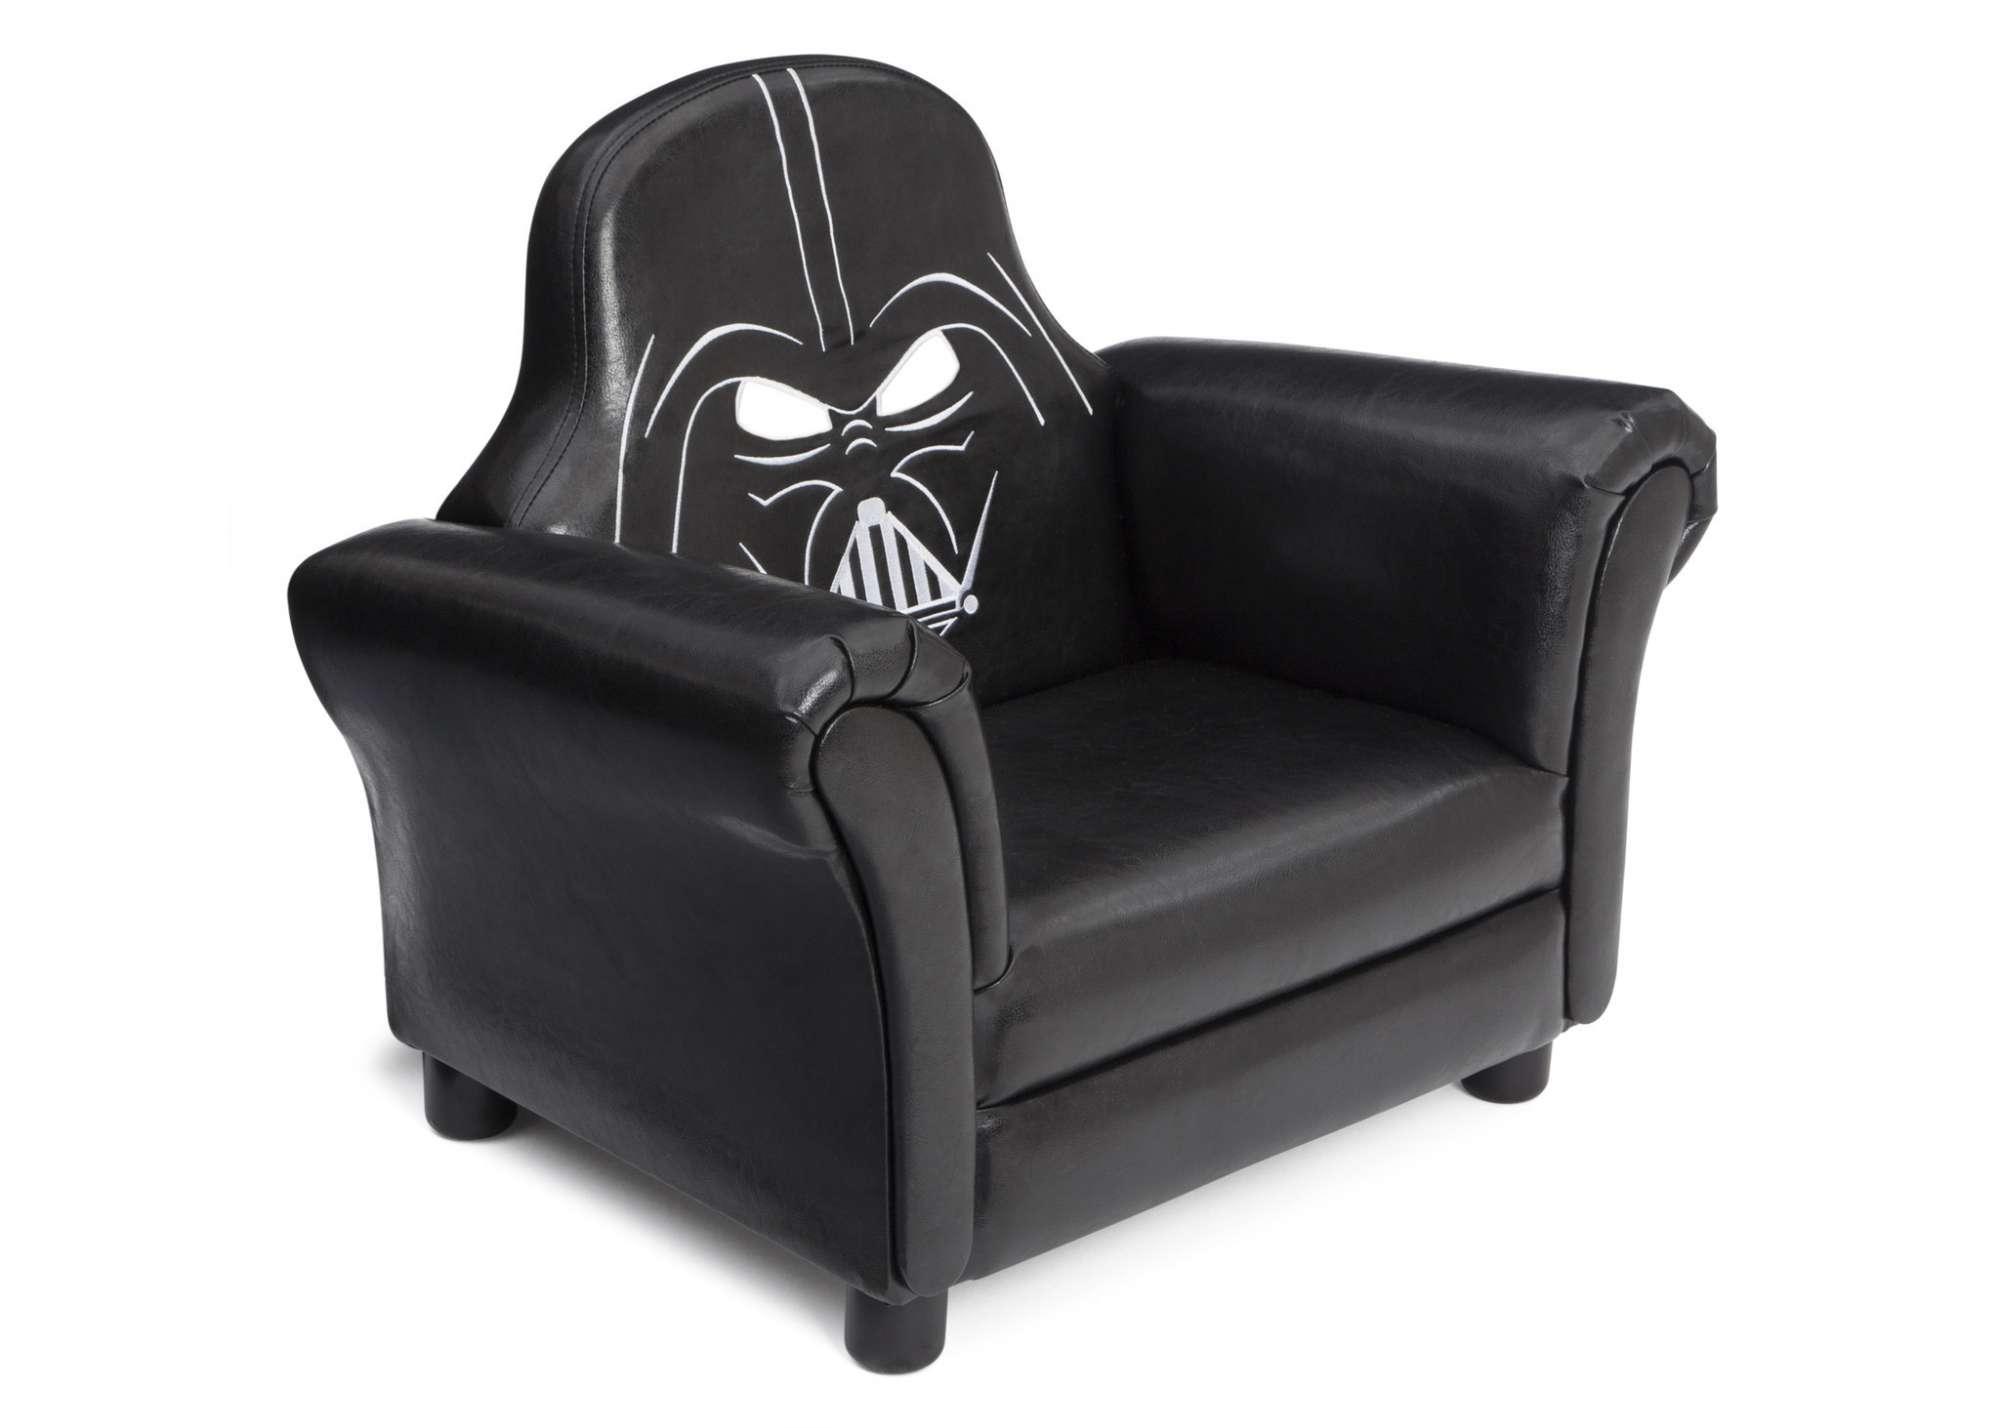 Dětské čalouněné křeslo Star Wars